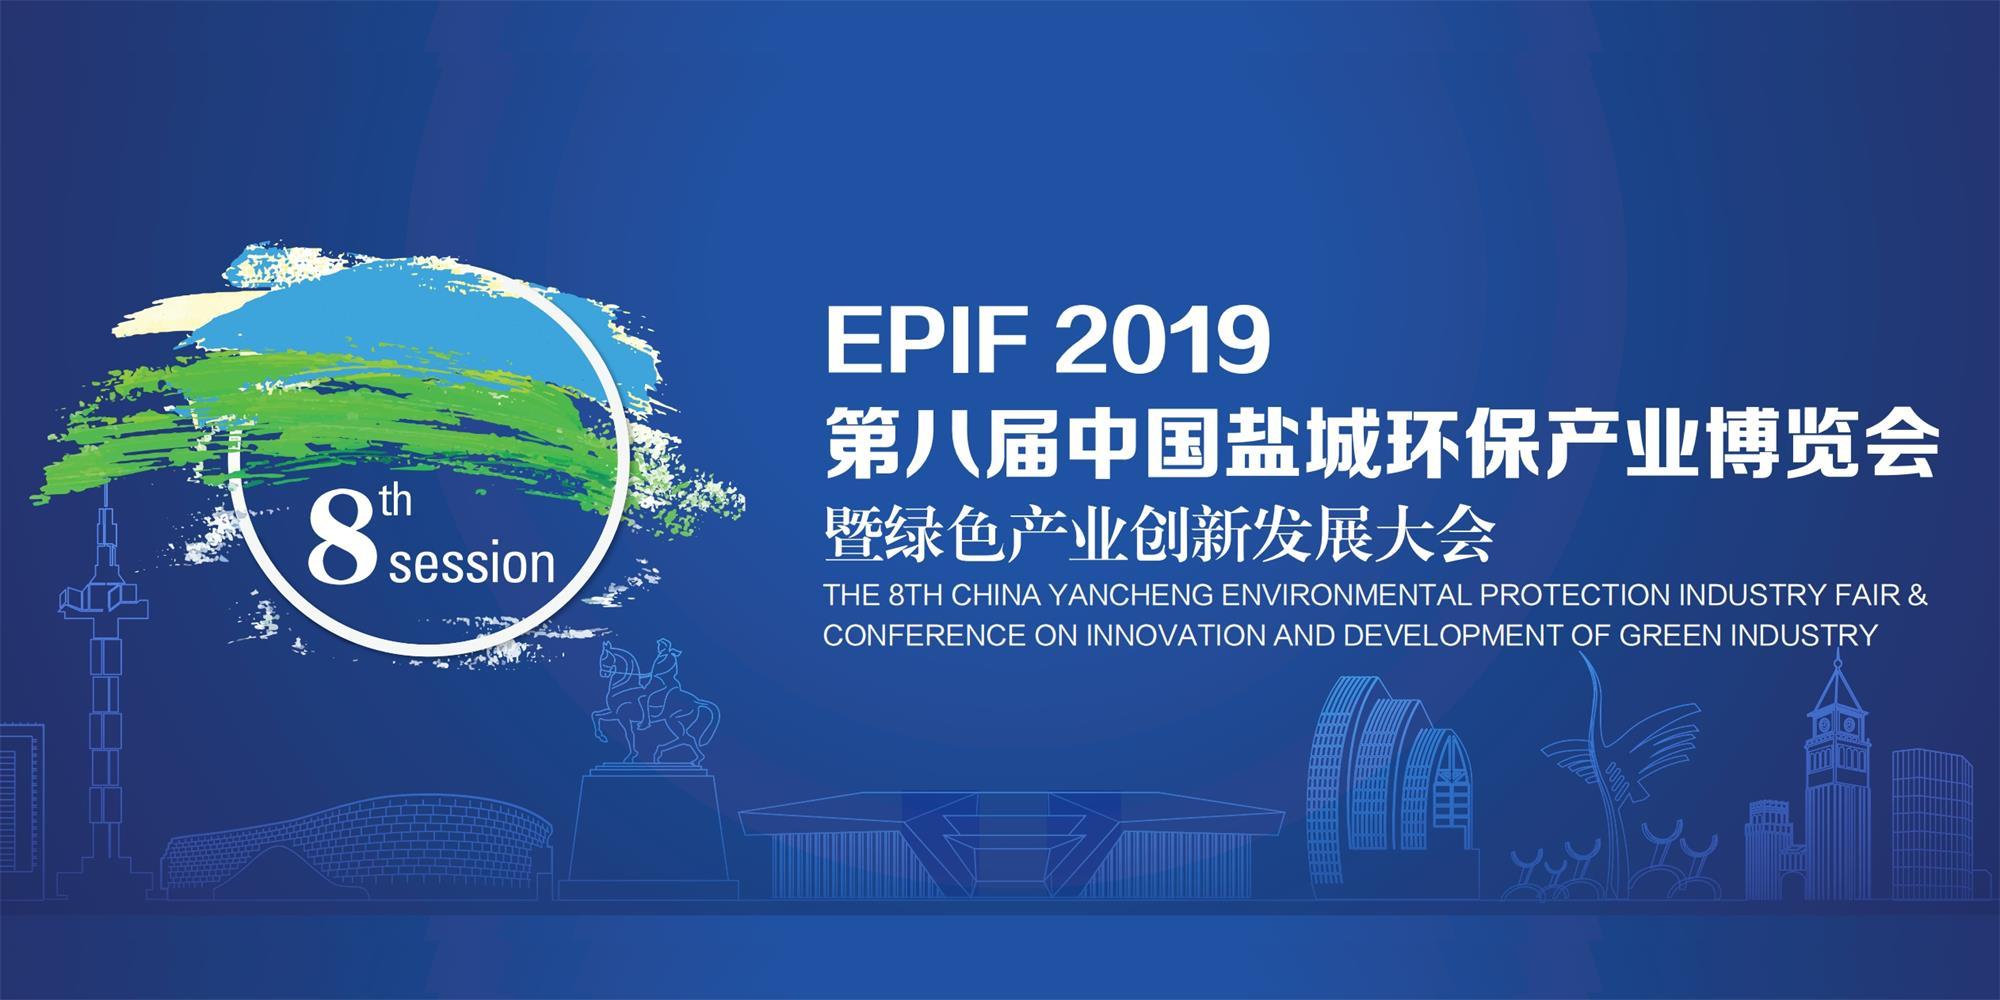 EPIF2019 | 第八届中国盐城环保产业博览会欢迎您